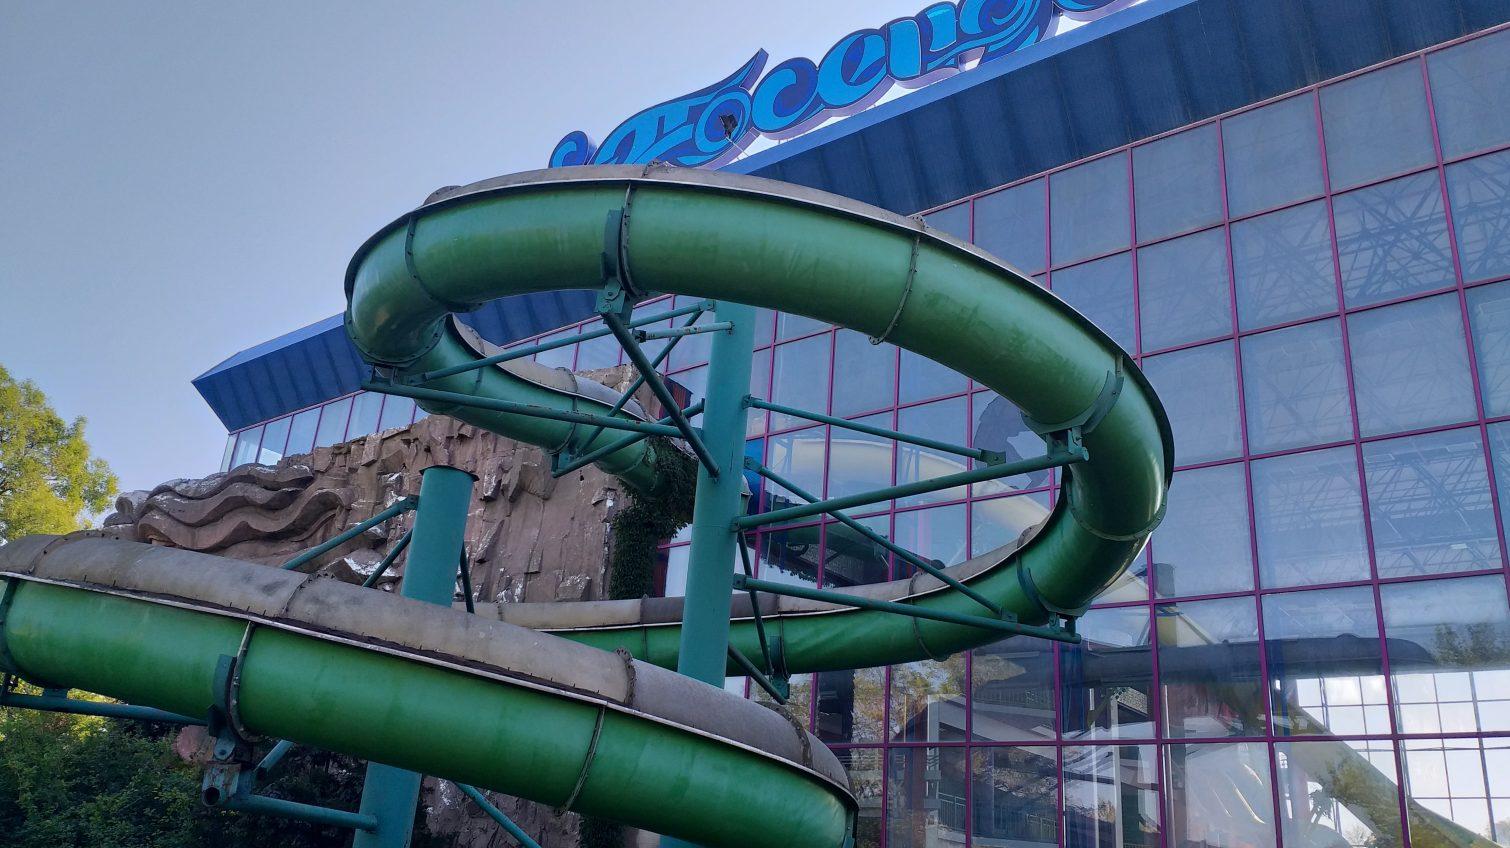 «Чабанку» и аквапарк «Посейдон» сдадут в аренду после многолетнего простоя «фото»